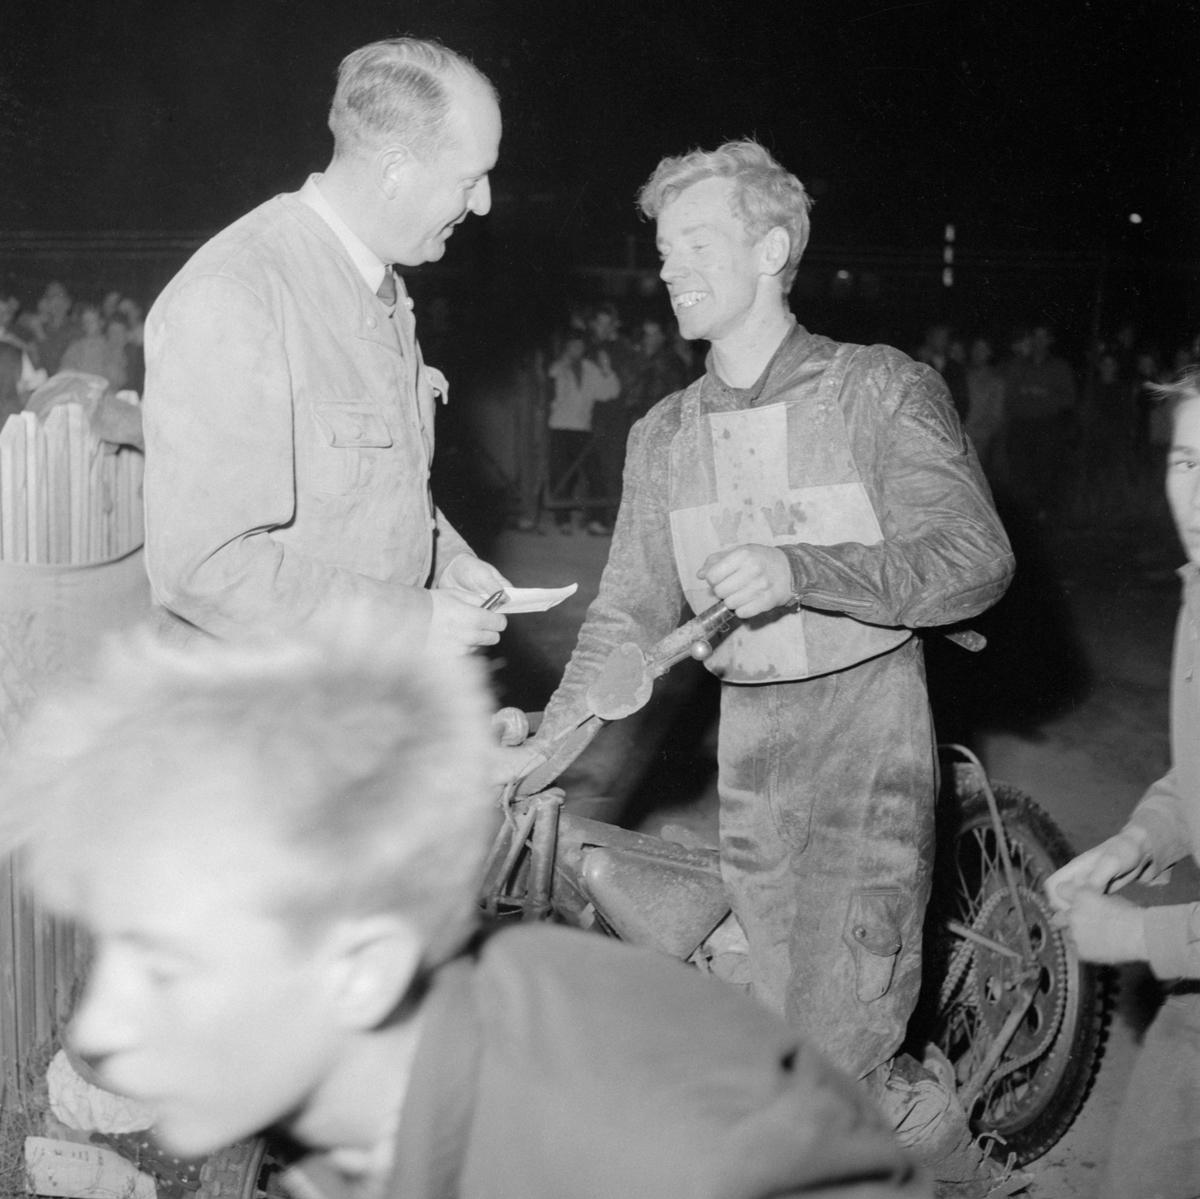 Ove Fundin intervjuas efter svenska landslagets seger över Australasia, ett kombinerat landslag med förare från Australien och Nya Zeeland. Landskampen avgjordes på Kråkvilan i Norrköping den 4 oktober 1955.